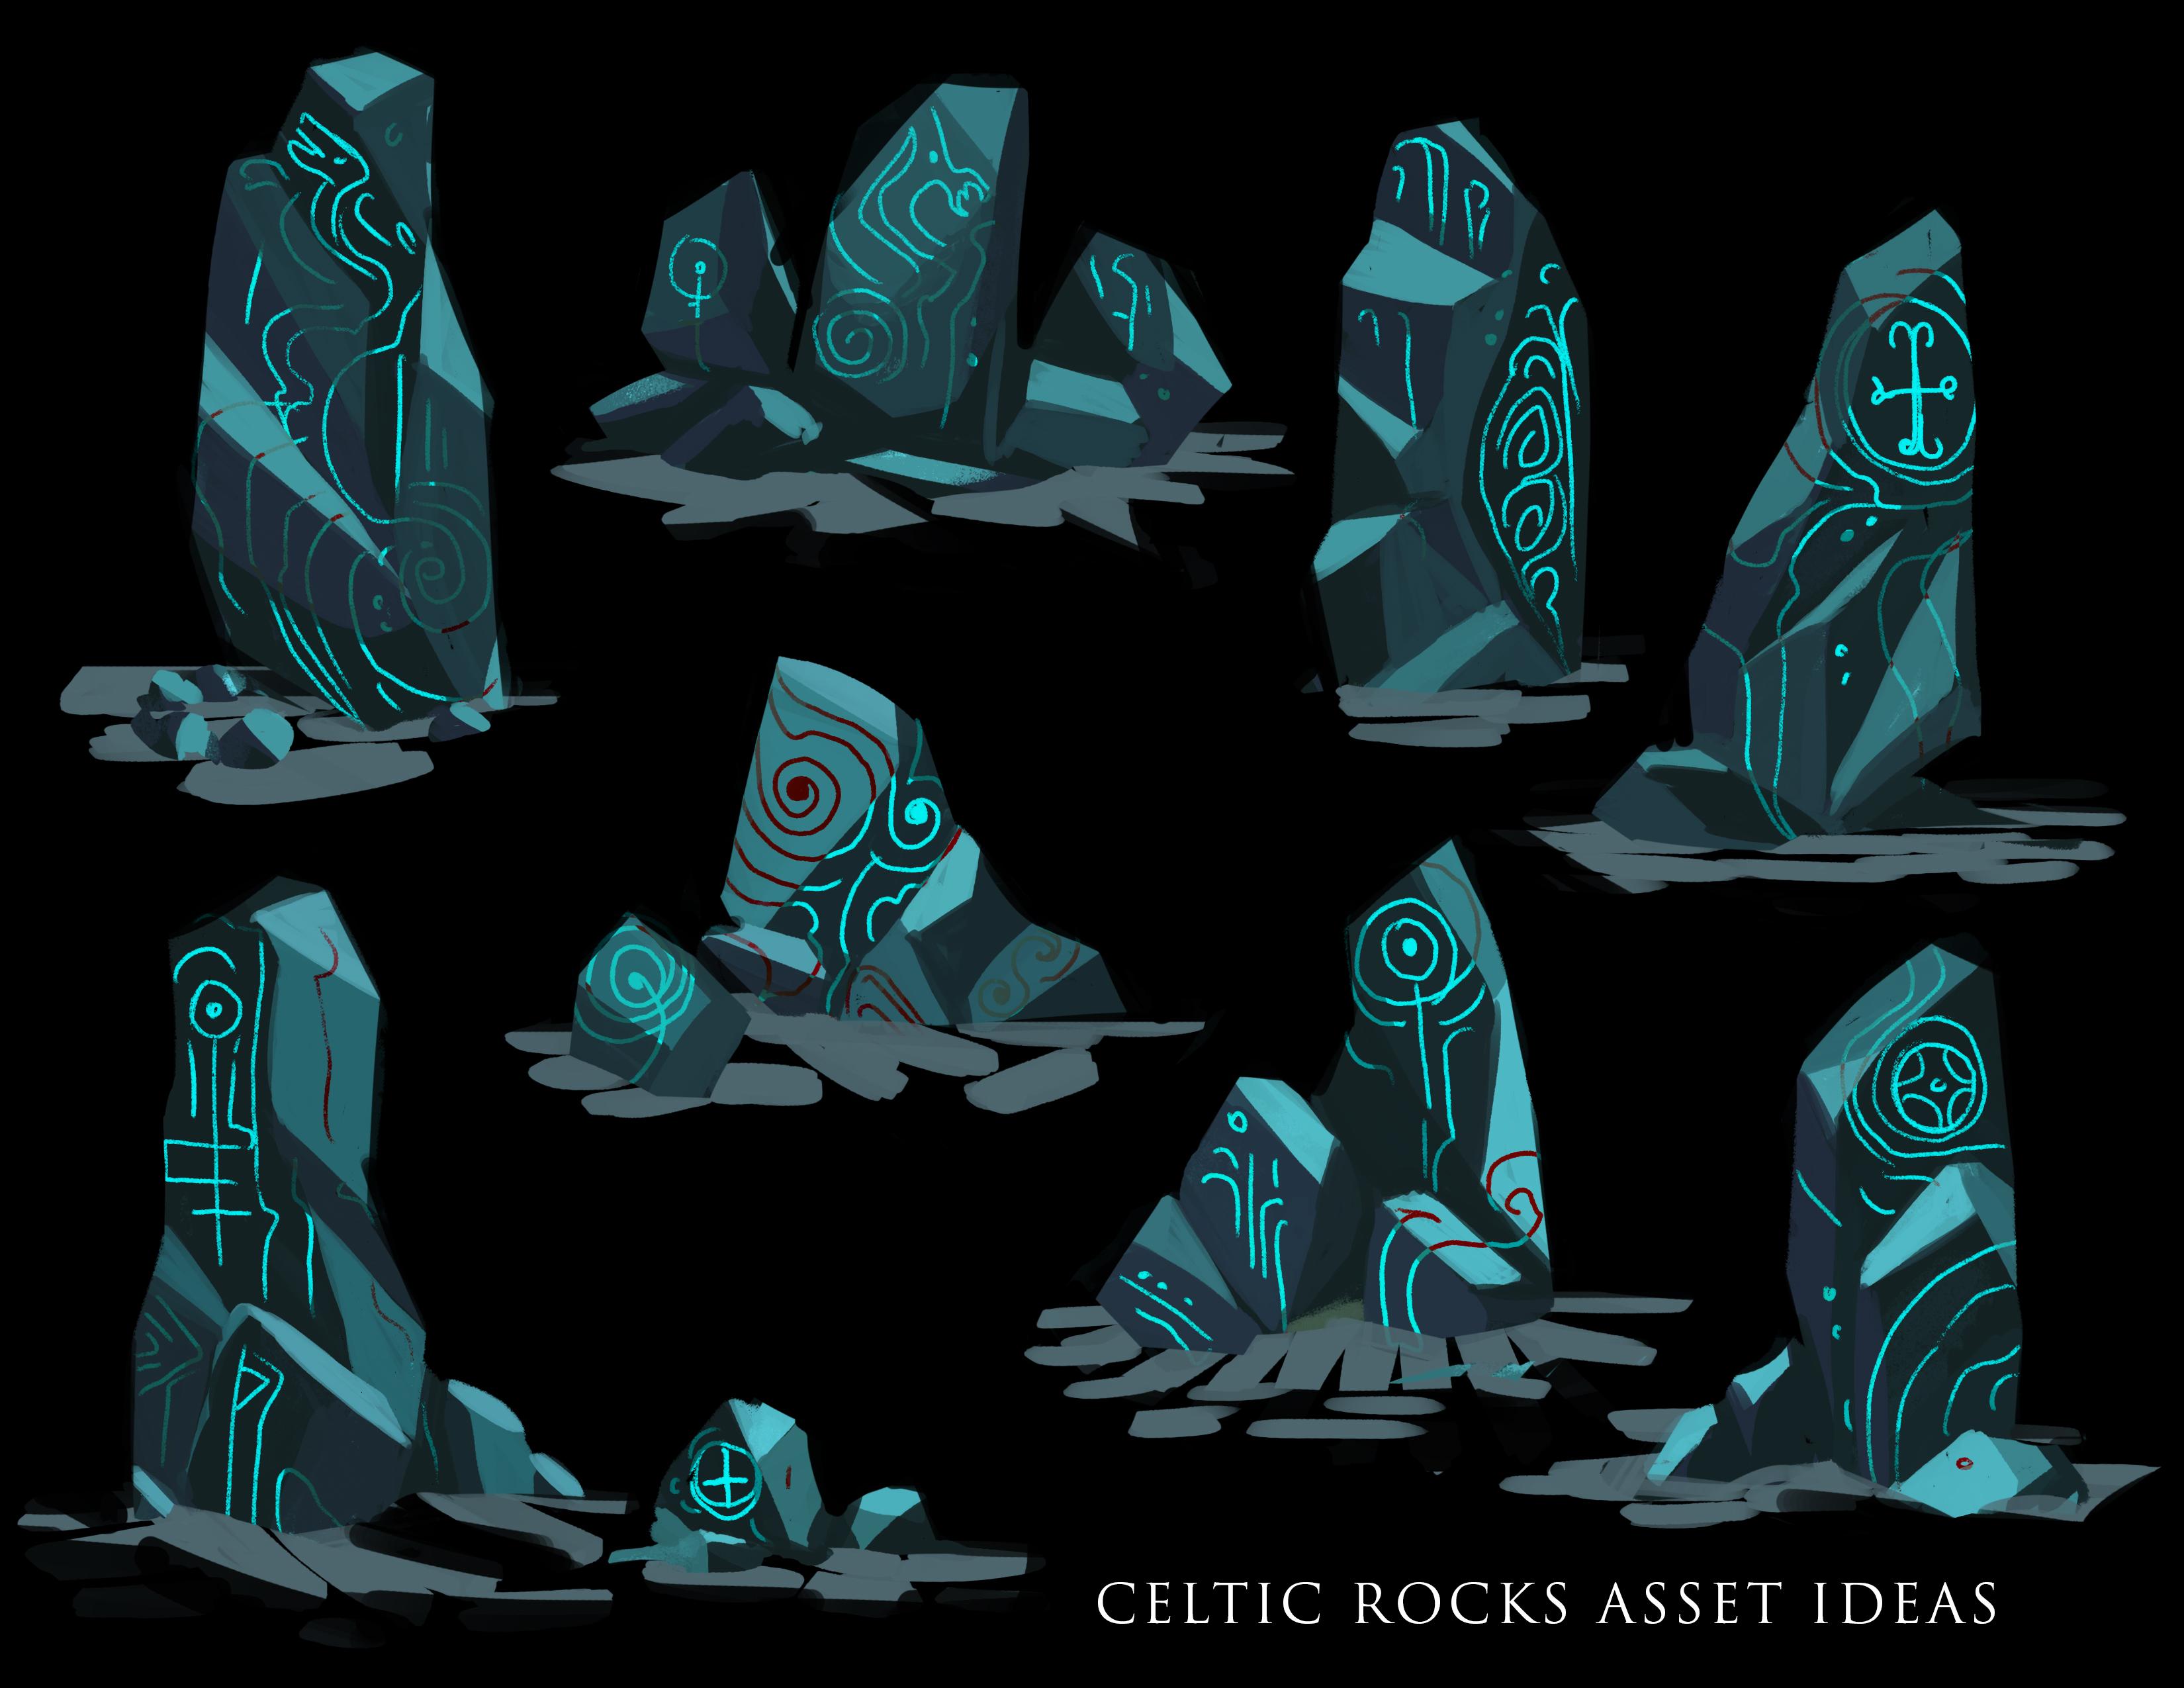 celtic rock asset concepts